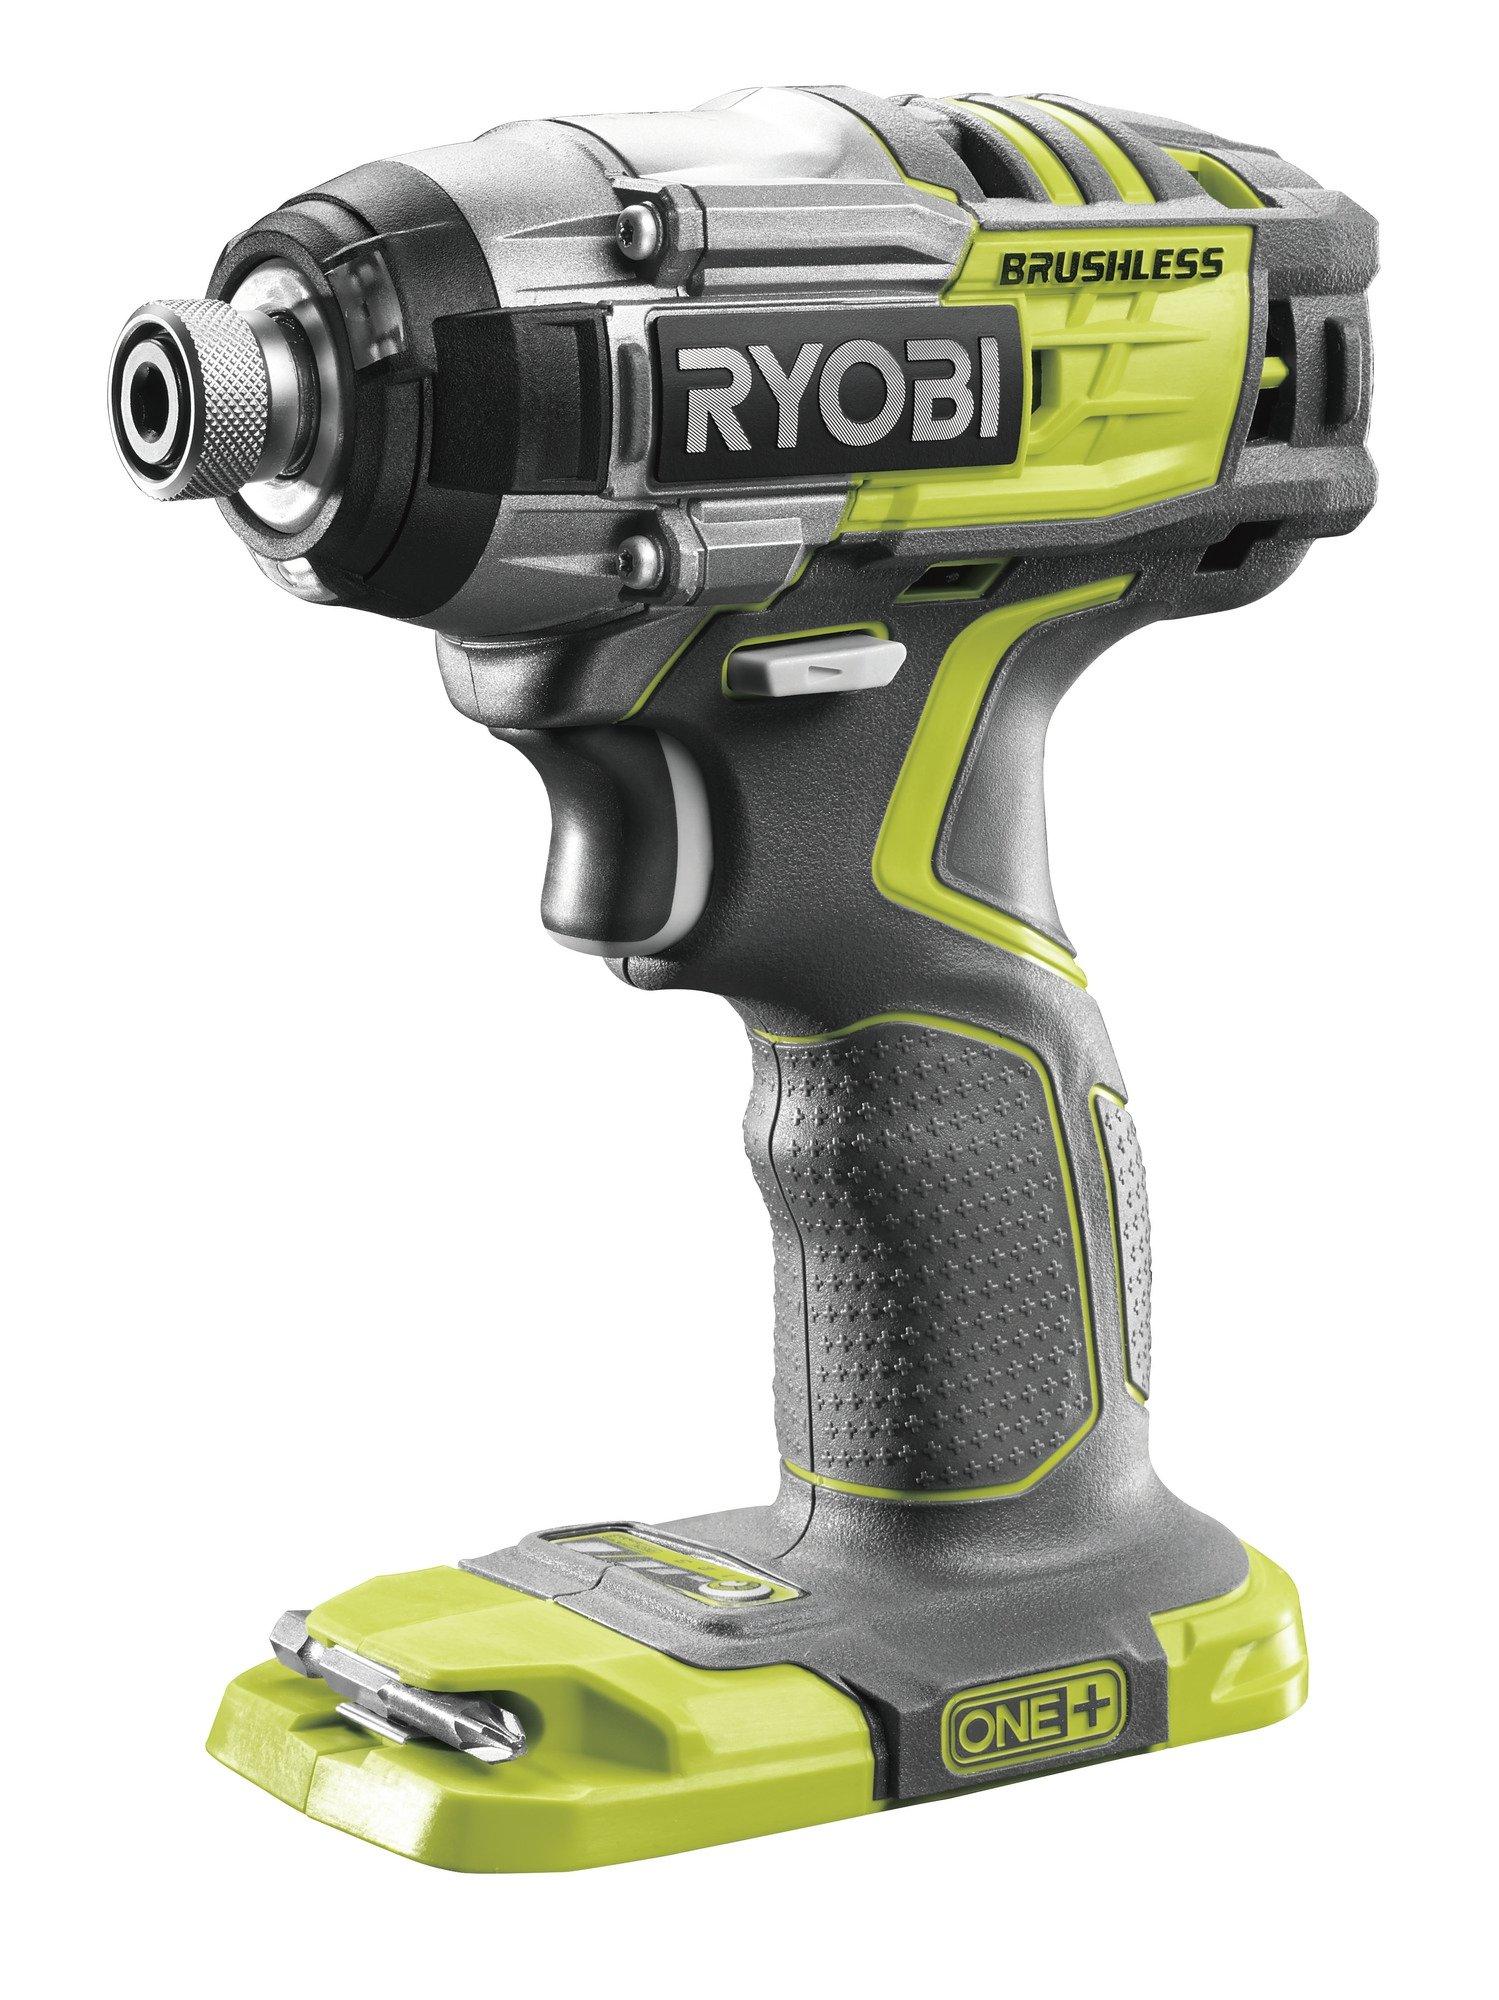 Ryobi-Akku-Schlagschrauber-R18IDBL-DeckDrive-18Volt-grnschwarz-ohne-Akku